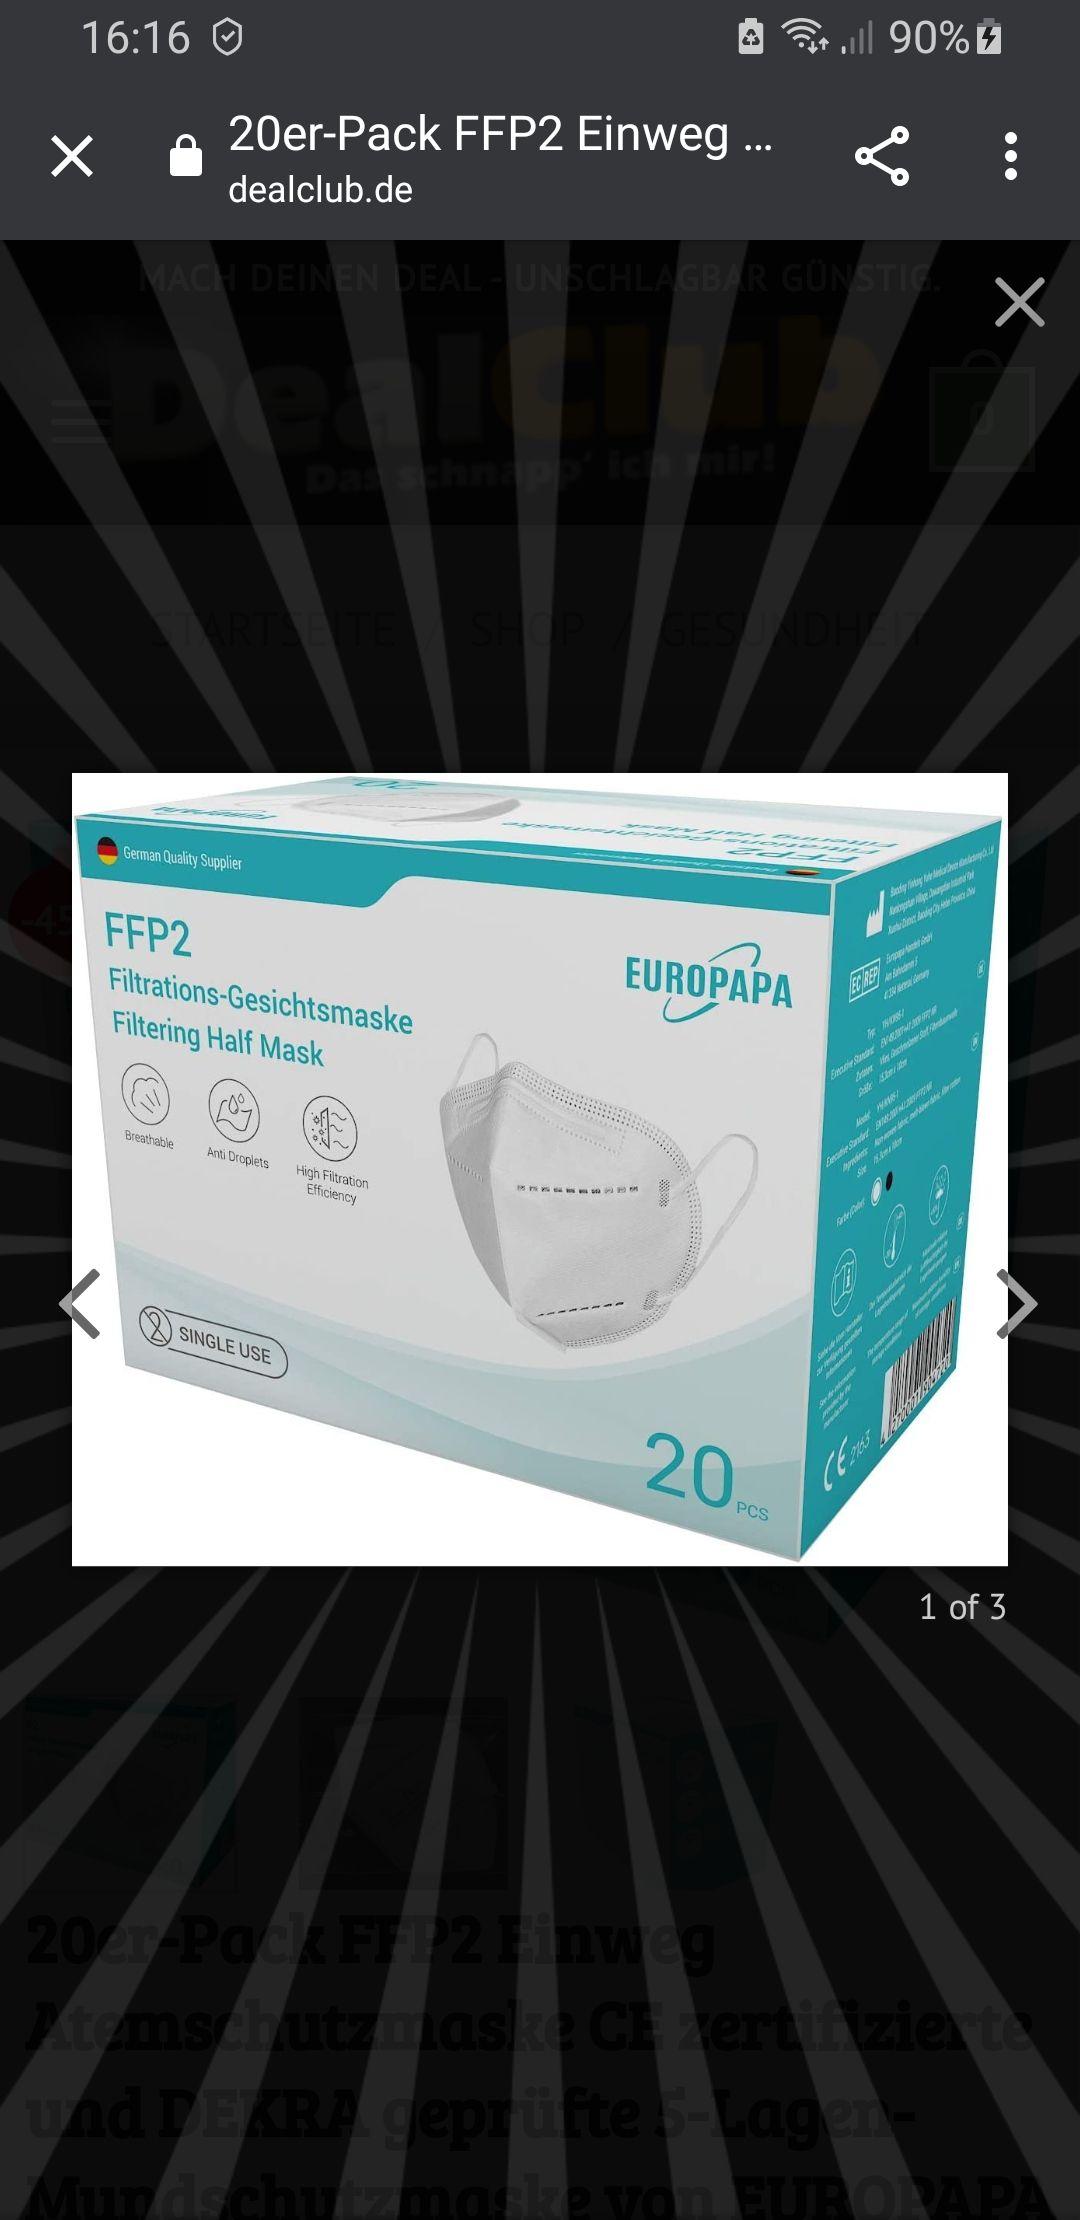 FFP2 Masken von Dekra geprüft 20 St. Für 21.89€ Versand aus Deutschland.